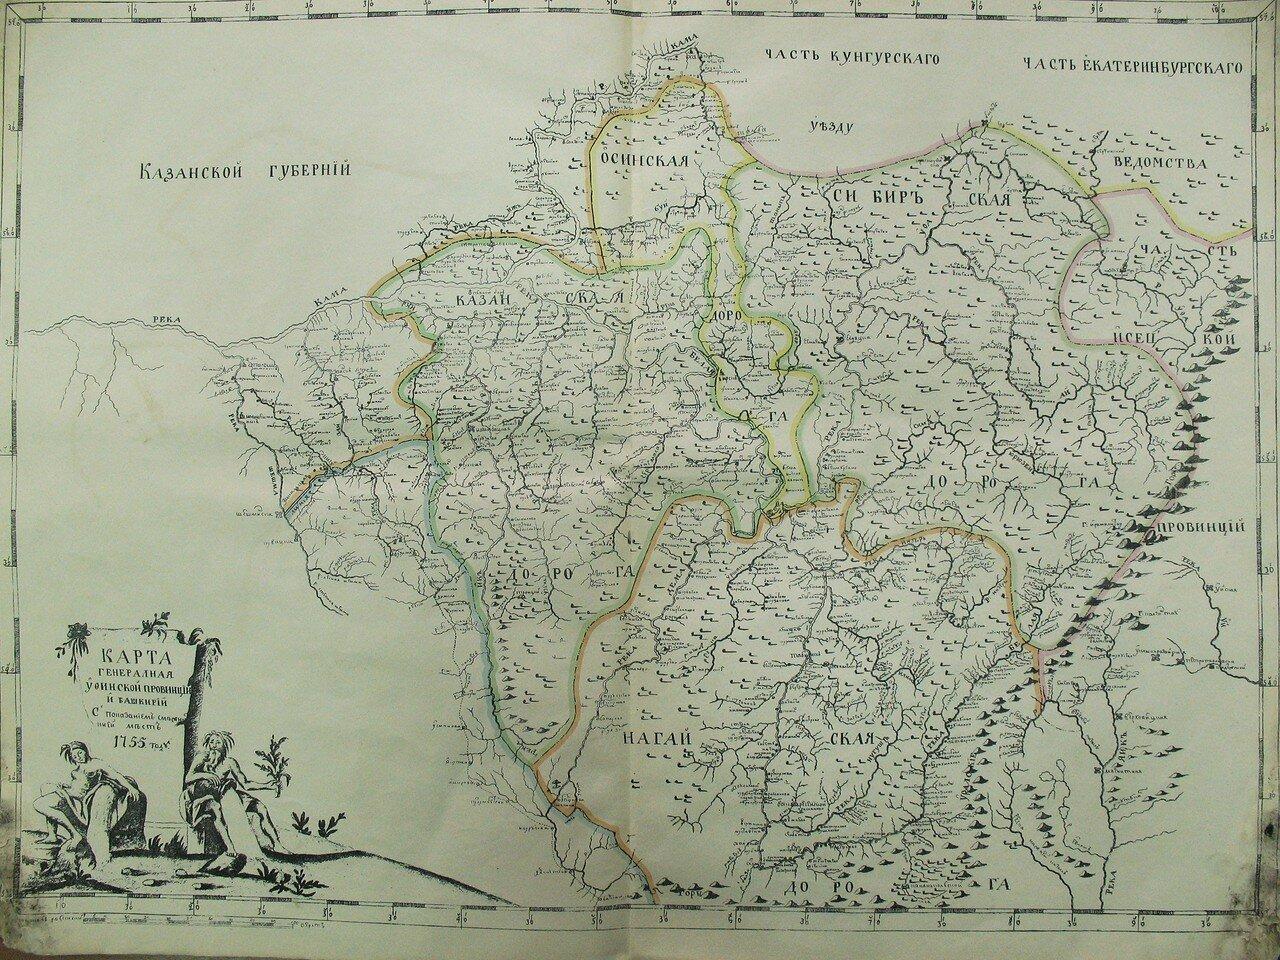 04. Генеральная карта Уфимской провинции и Башкирии, с показанием смежных мест